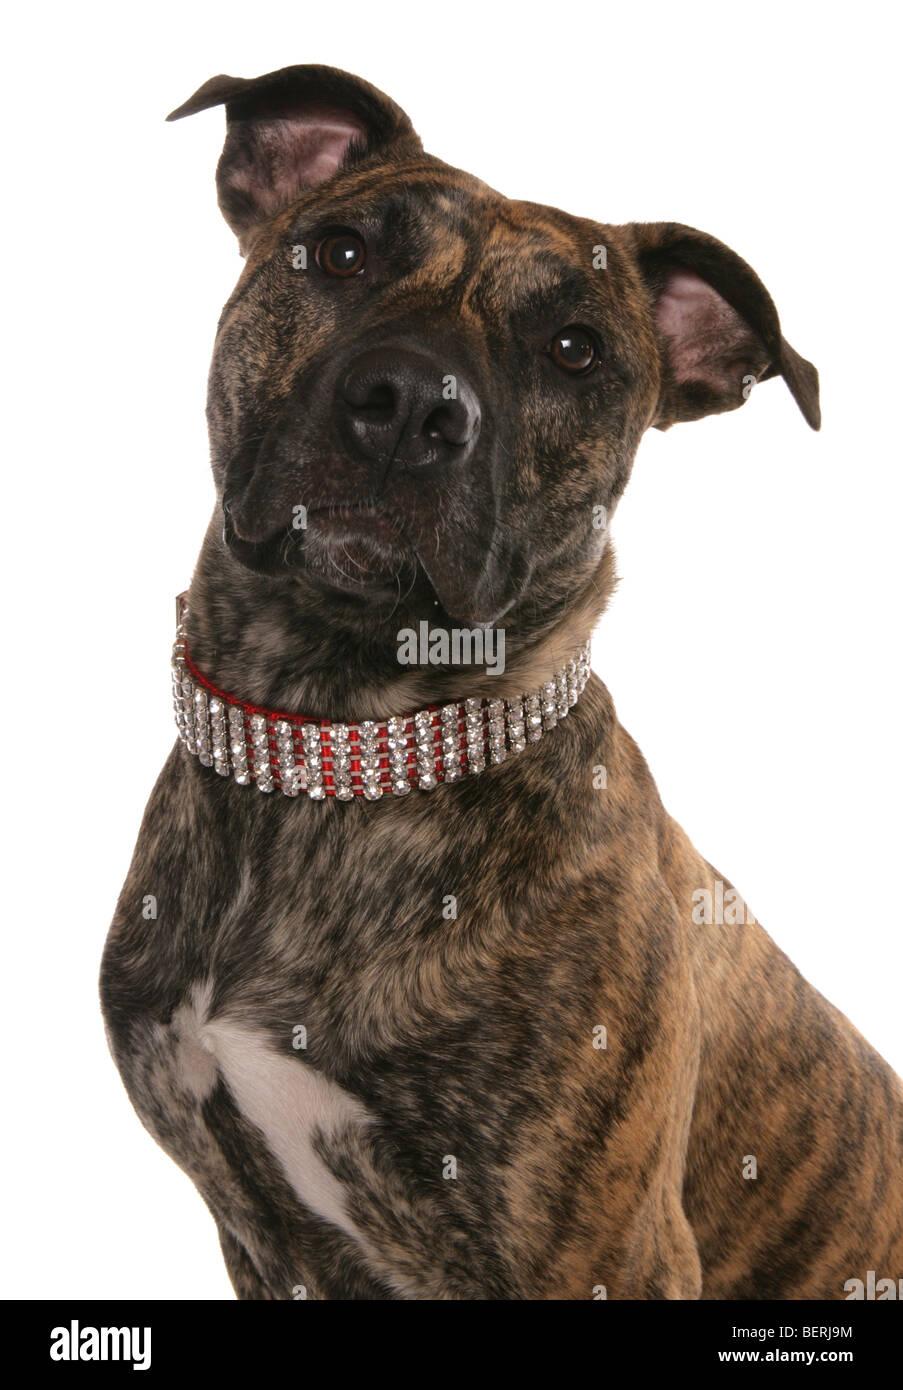 staffordshire bull terrier cross studio portrait - Stock Image